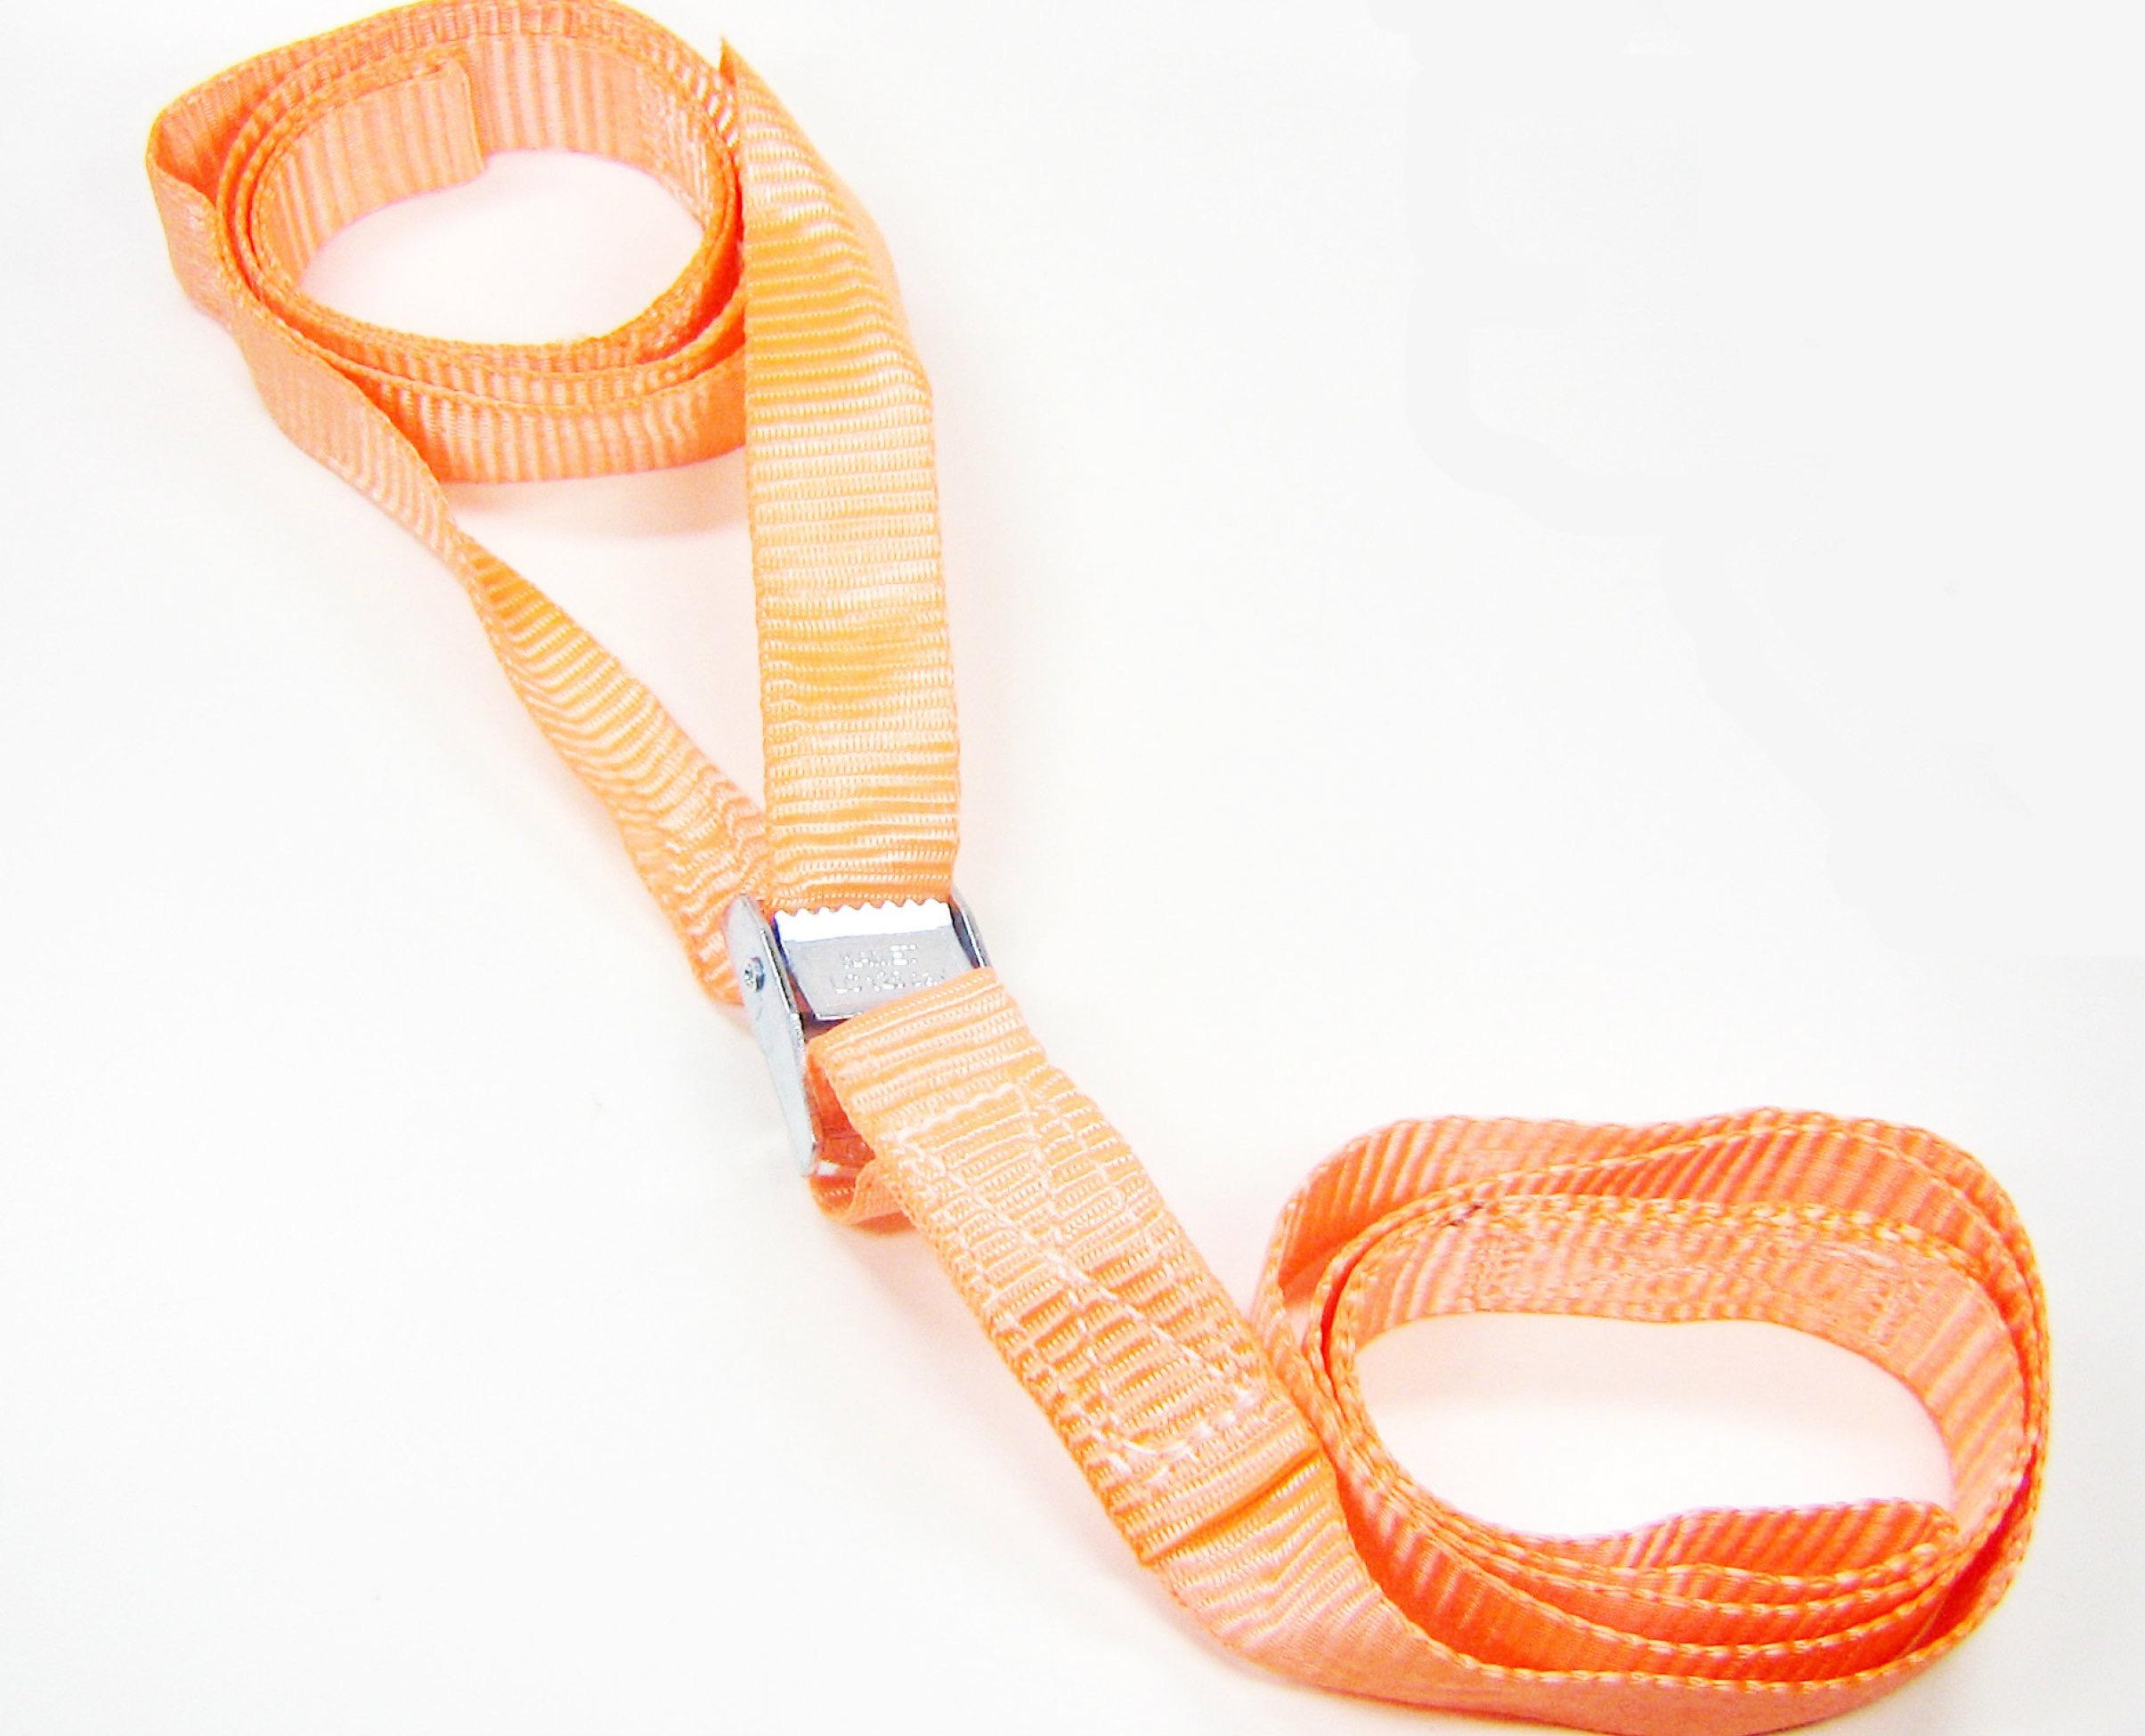 Spanbanden 25 mm met klemsluiting 2-dlg. met lussen